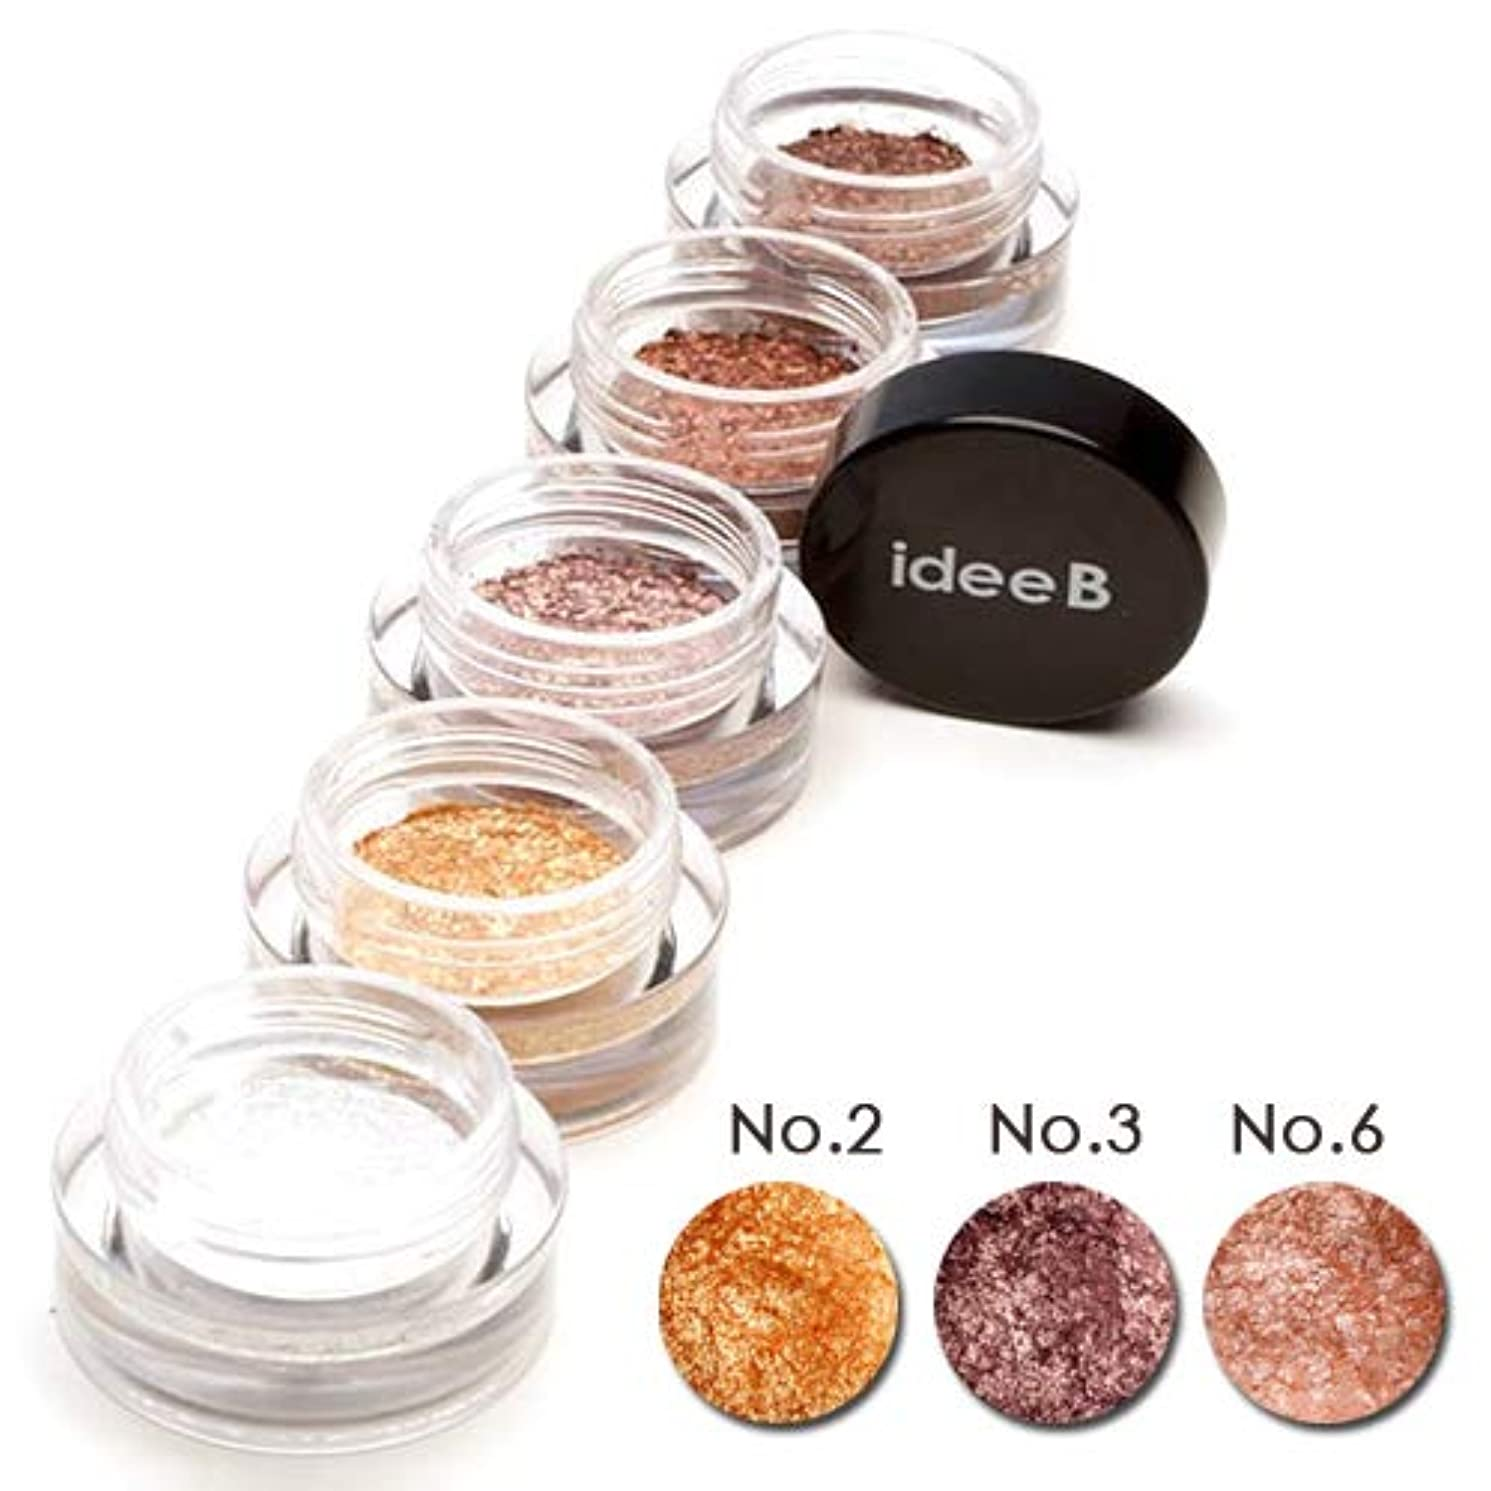 【10色のうち、3色選択】しっとりきらきらアイシャドウ ジュエルジェルアイシャドウ (IDEEB Jewel Gel Eyeshadow) 3g * 3個 (選択7. 02+03+06)